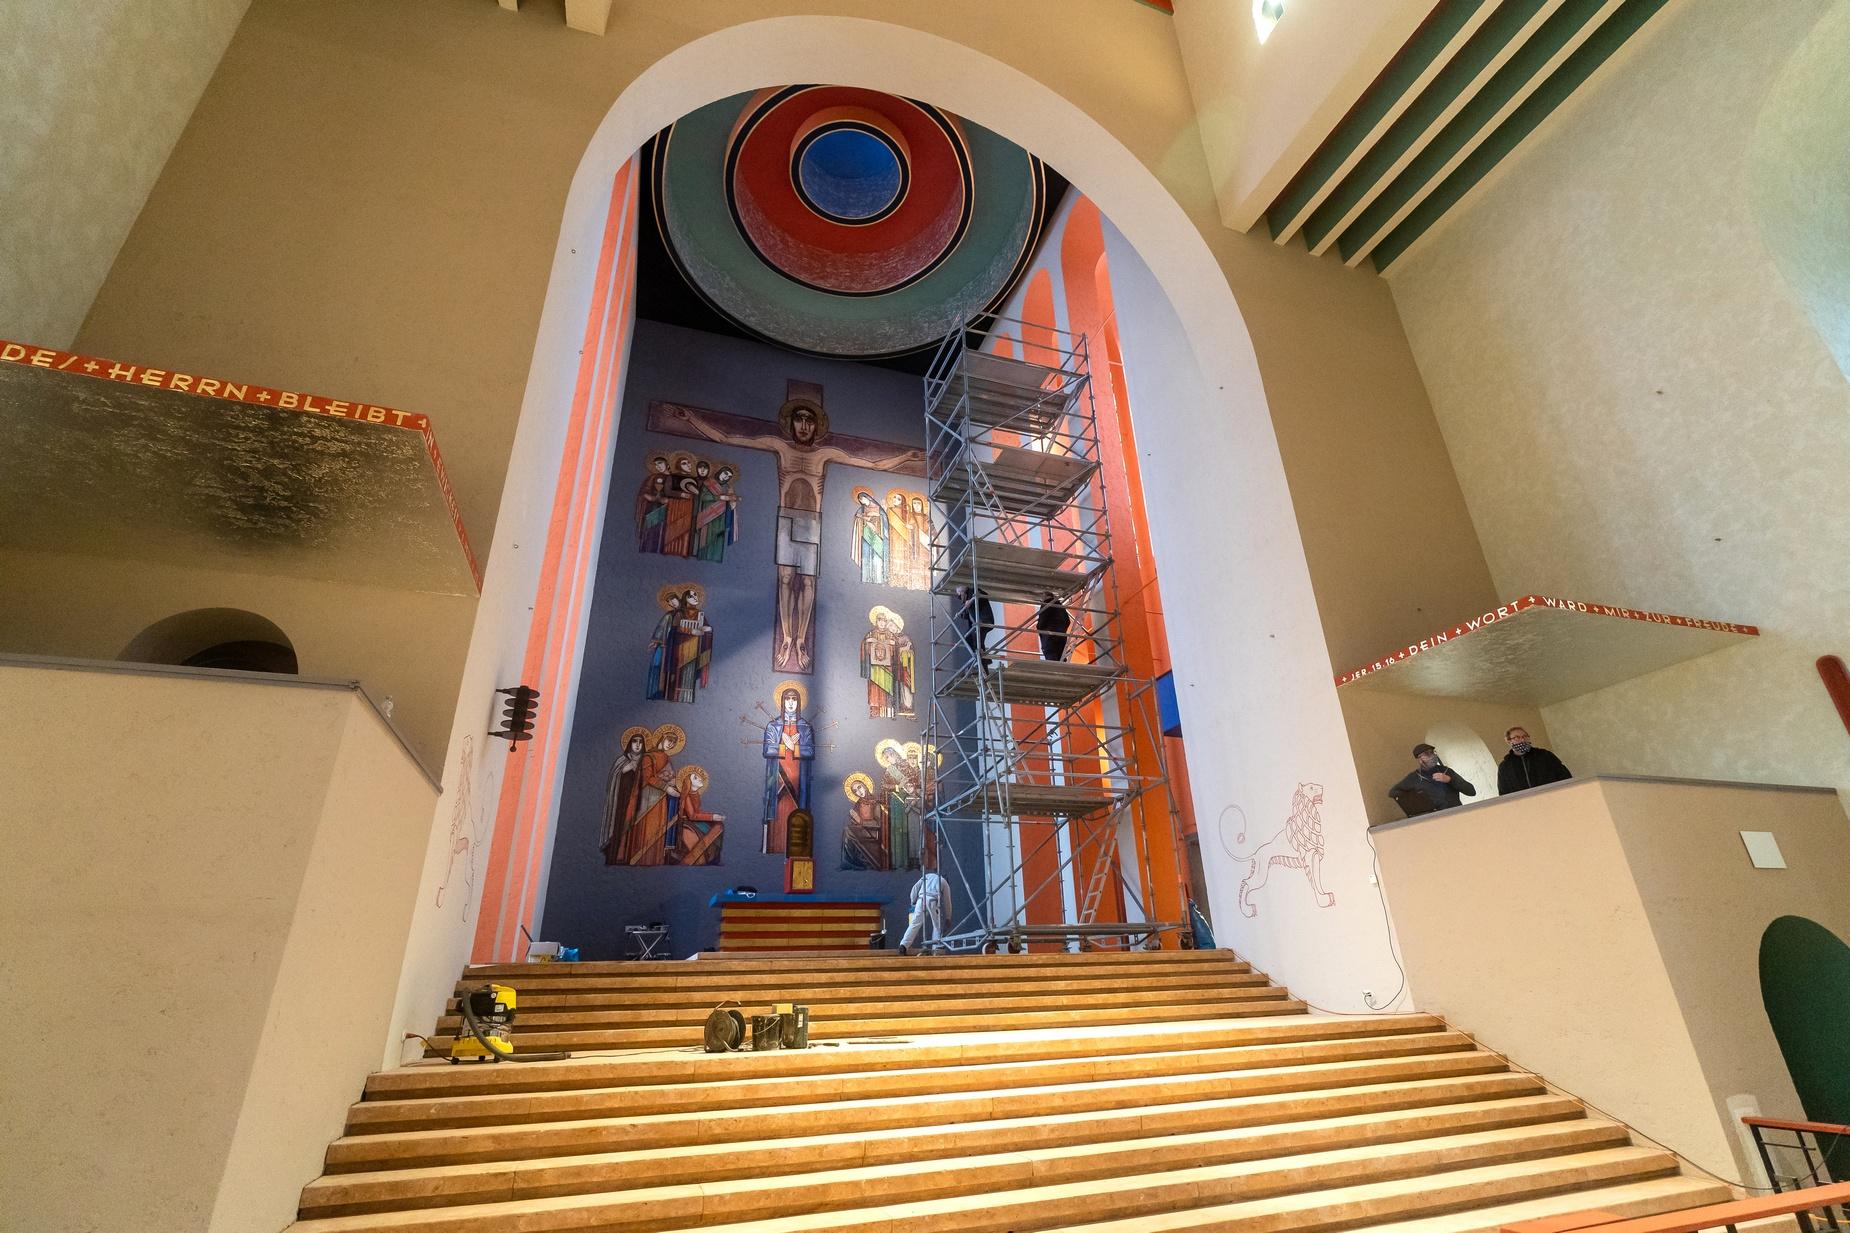 frauenfriedenskirche_vor_wiedereroeffnung_2.jpg